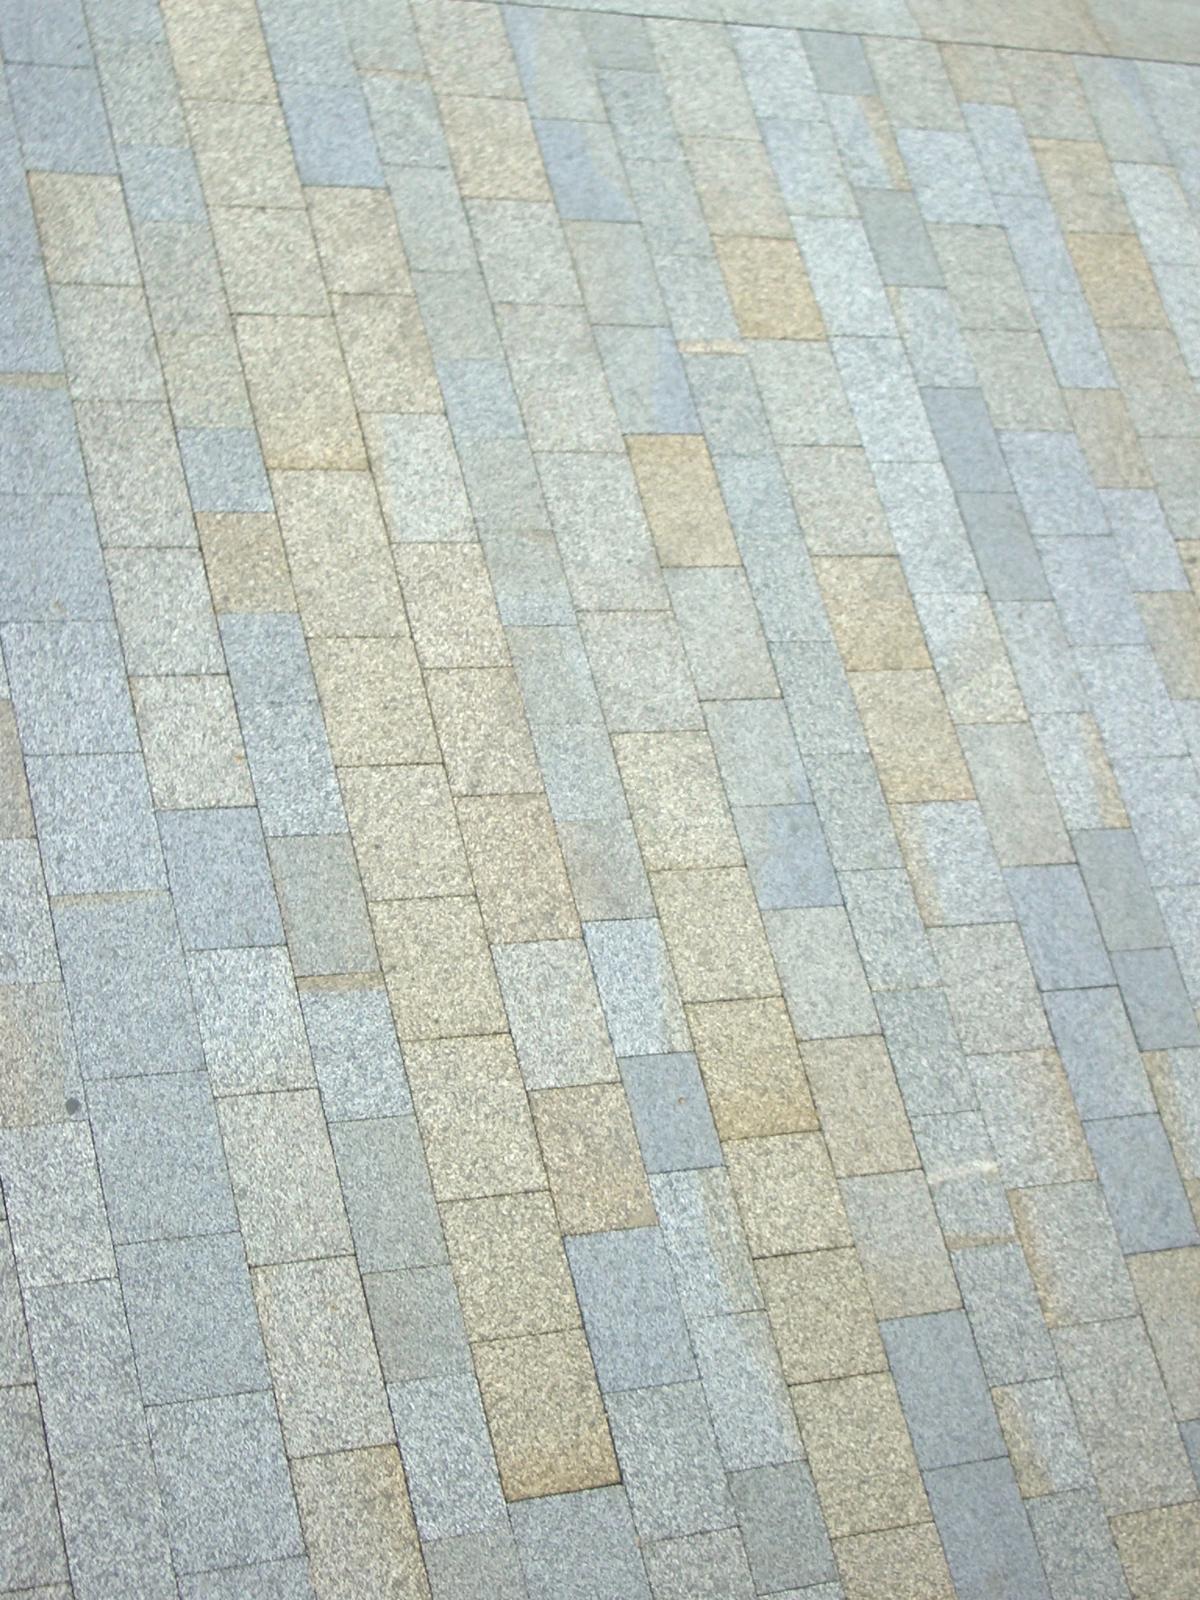 Tamsweg - Marktplatz16